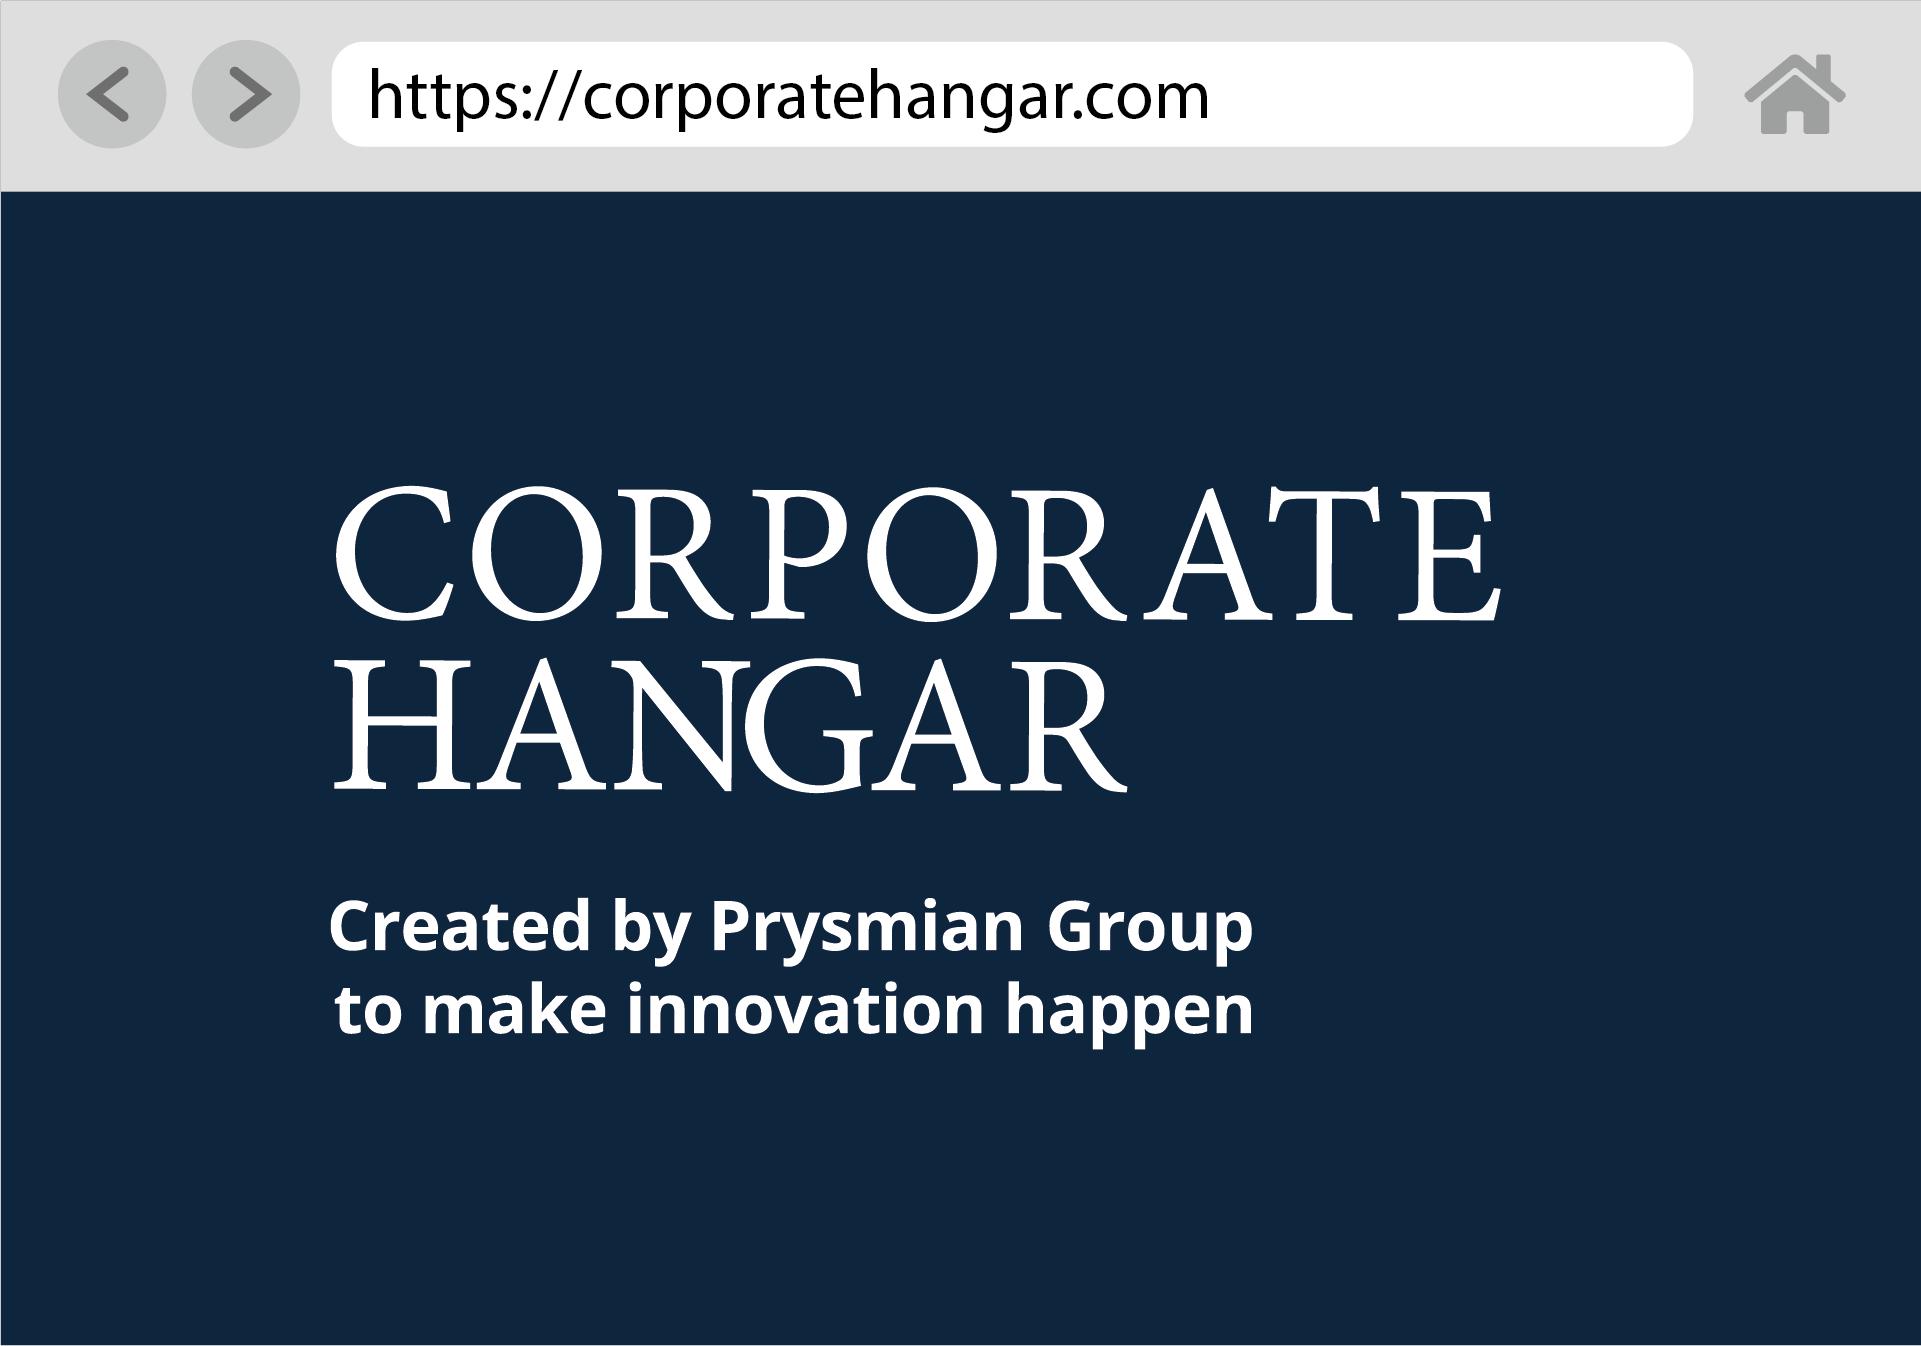 Corporate Hangar